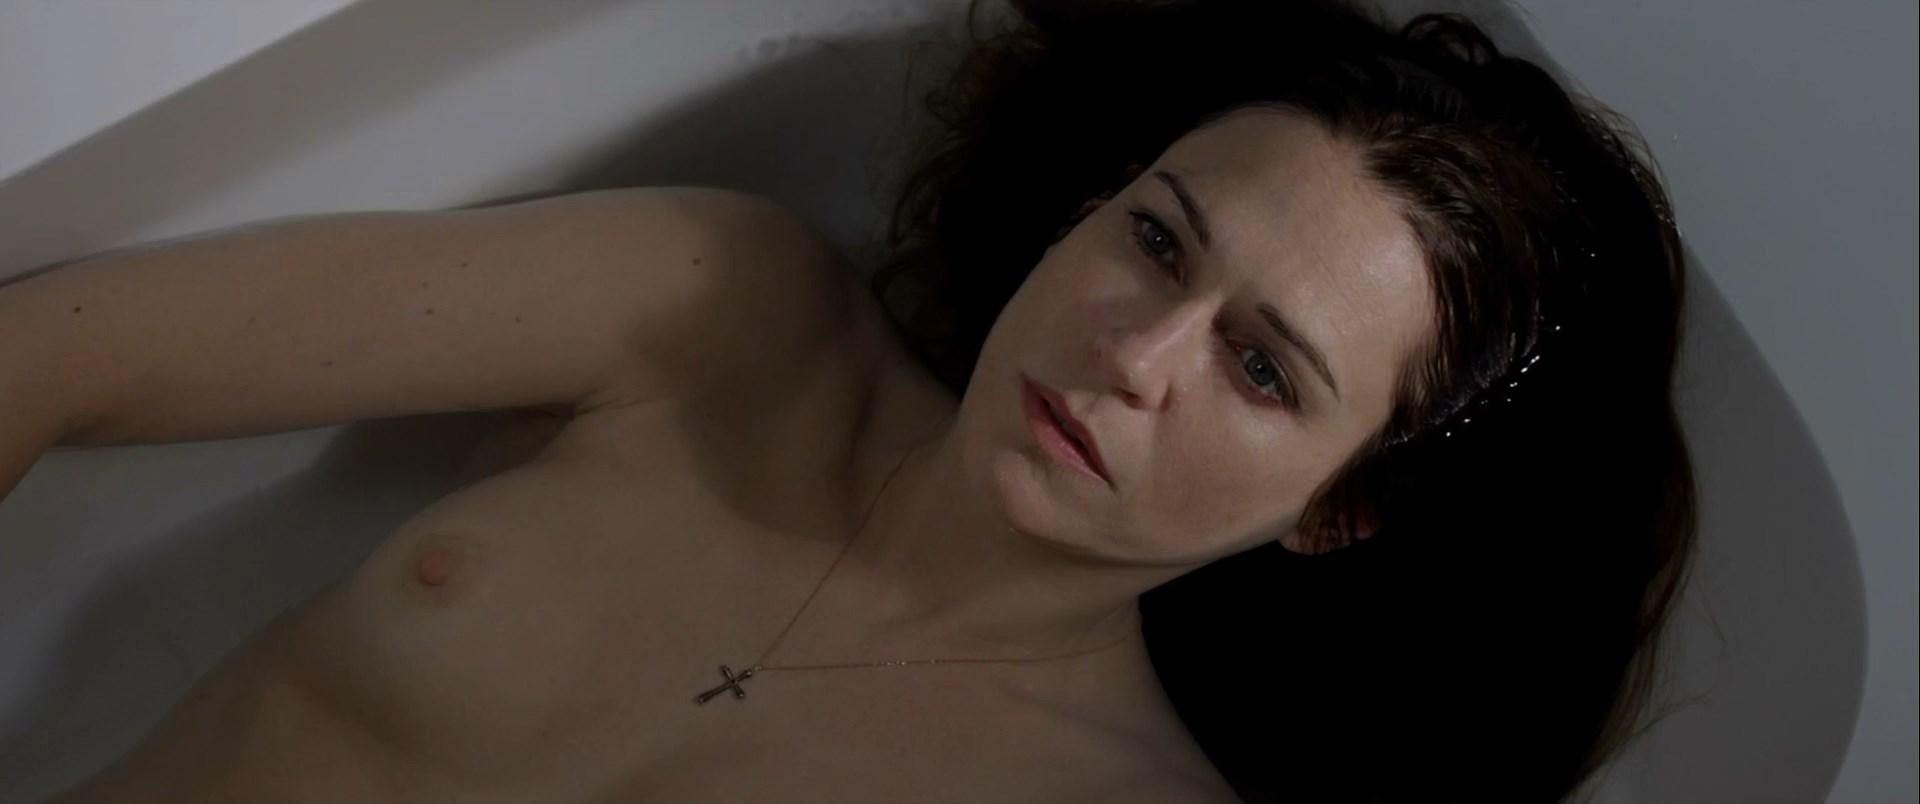 Marie-Josee Croze nude, Giulia Ando nude - Le confessioni (2016)